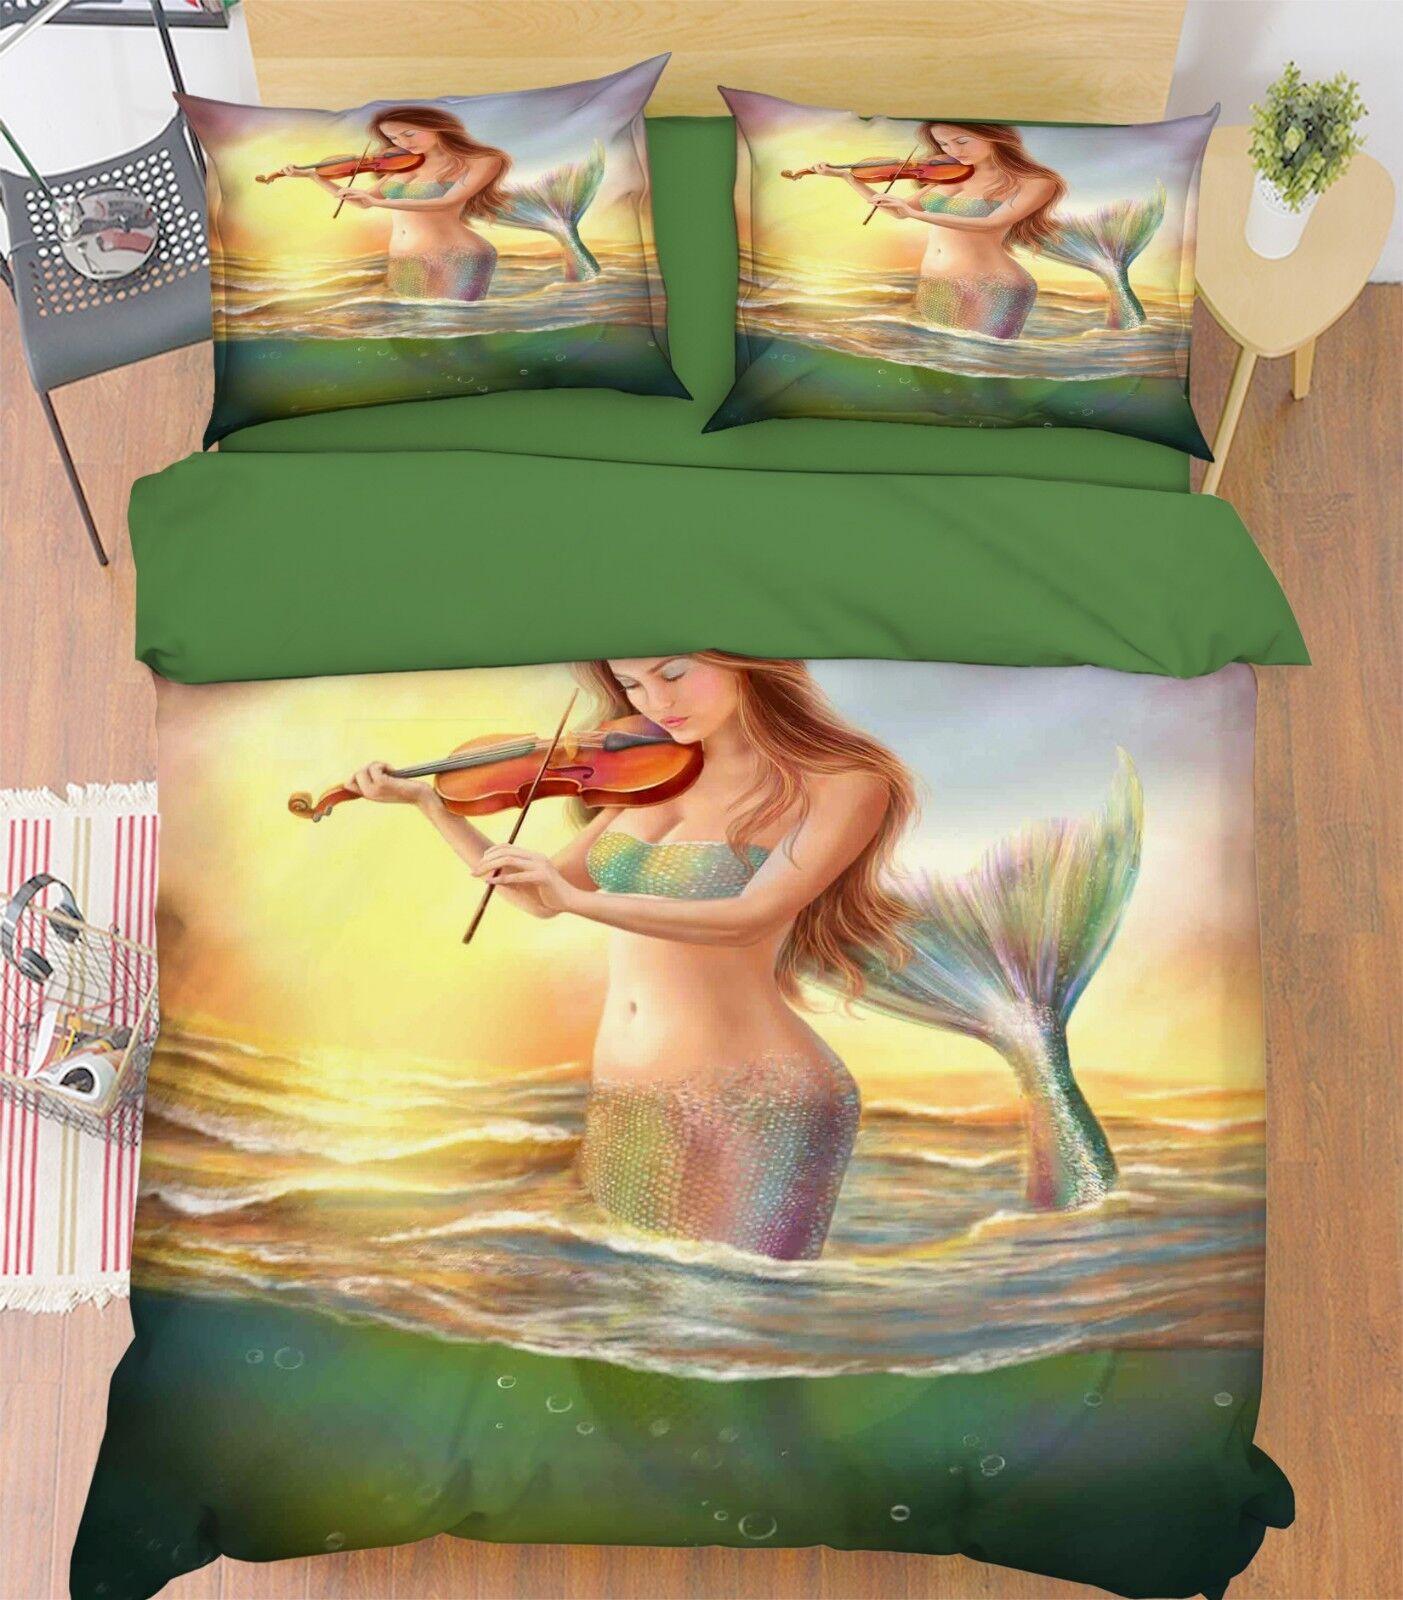 3D Girl Volin 688 Bed Pillowcases Quilt Duvet Cover Set Single King UK Lemon